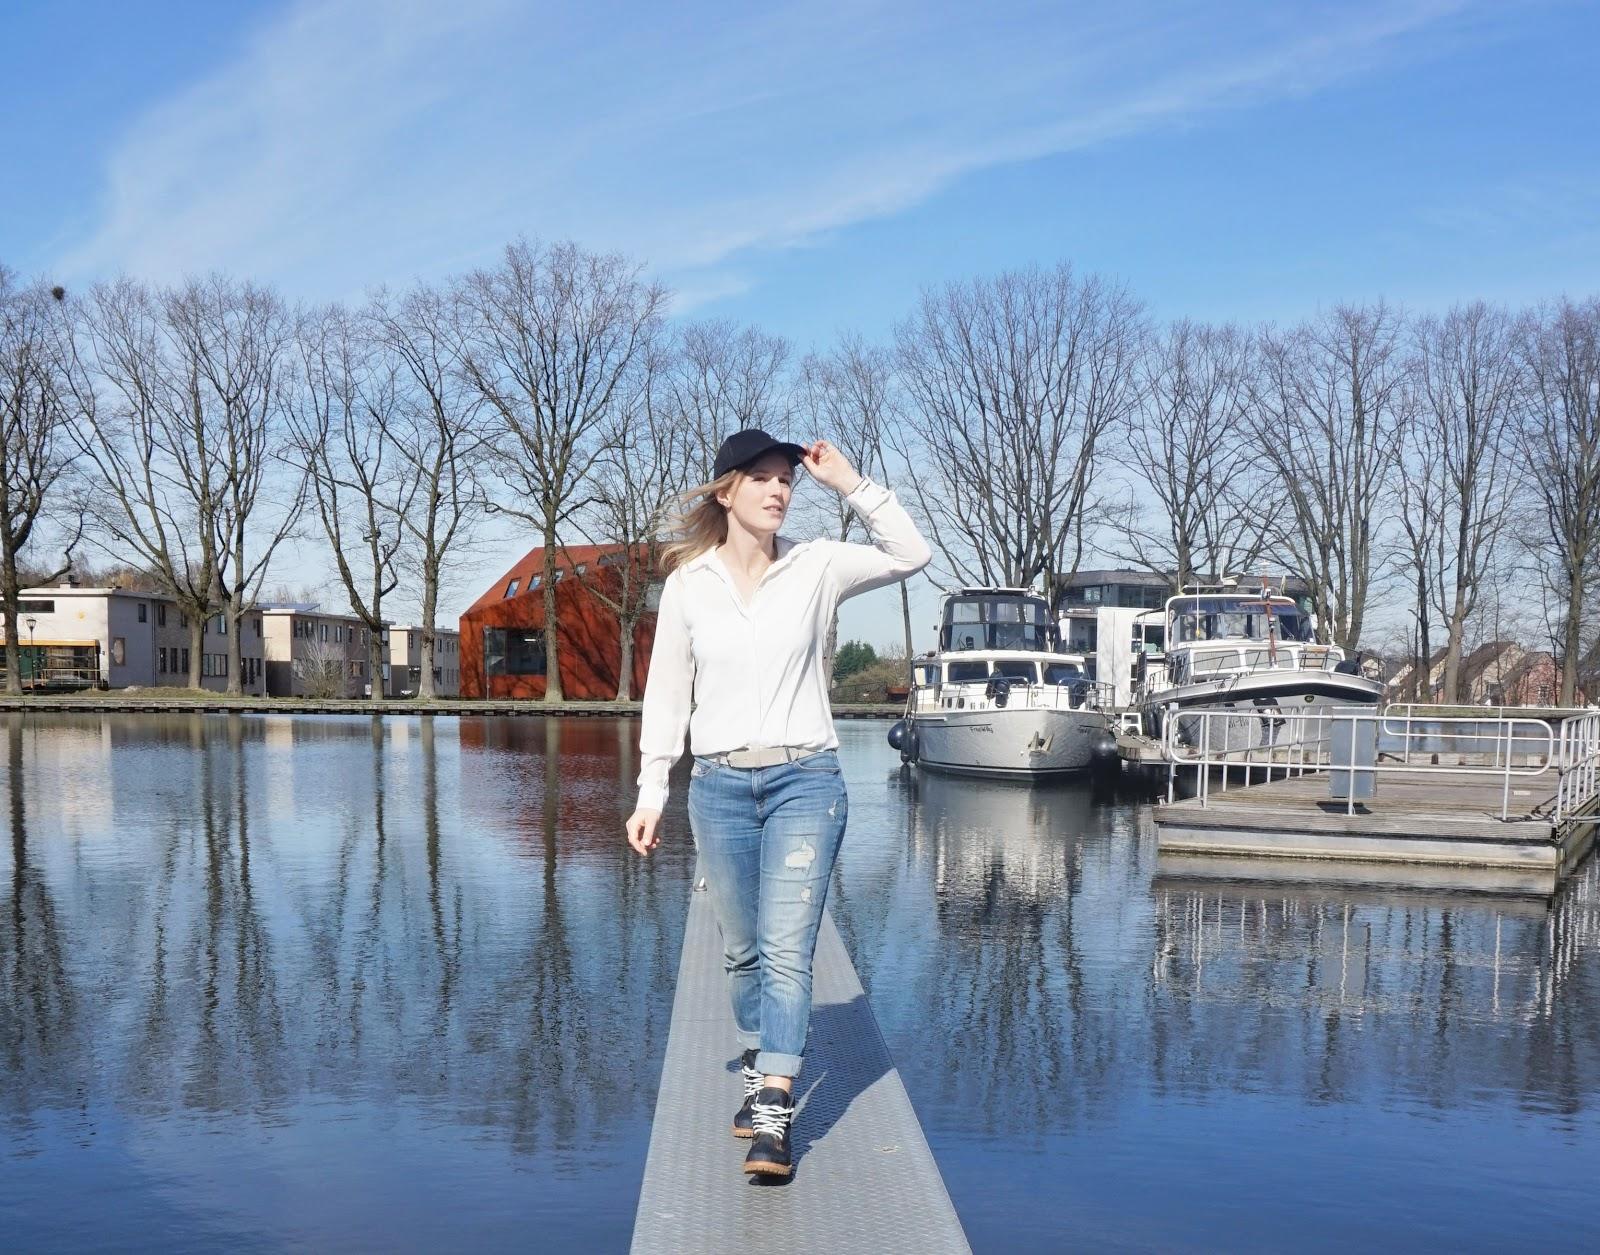 DSC05052 | Eline Van Dingenen